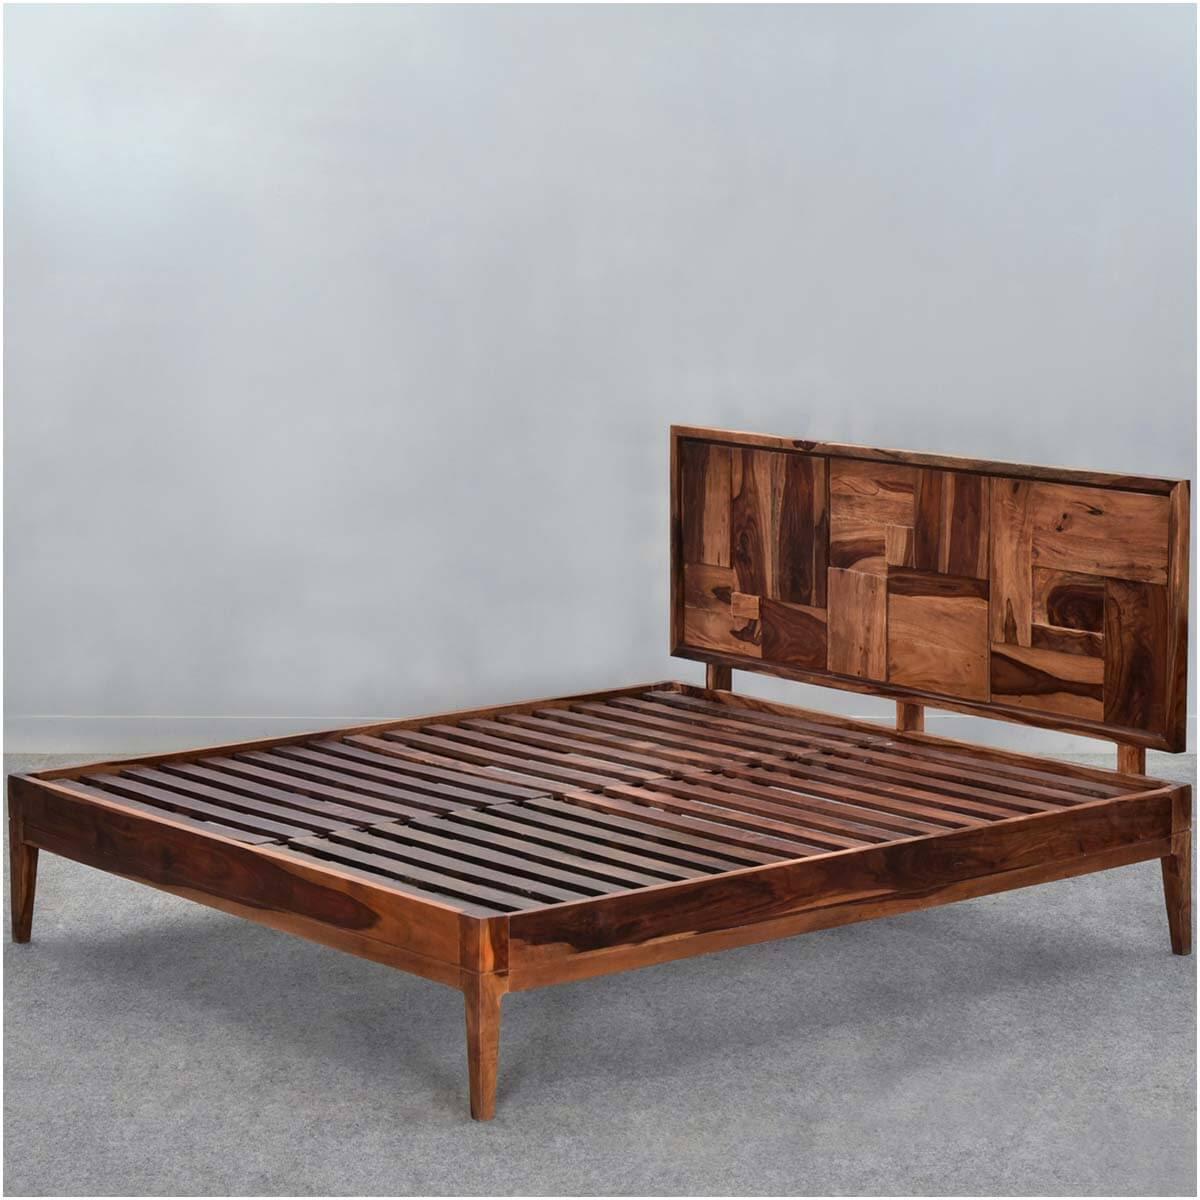 Sunrise Modern Pioneer Solid Wood Platform Bed Frame w ...